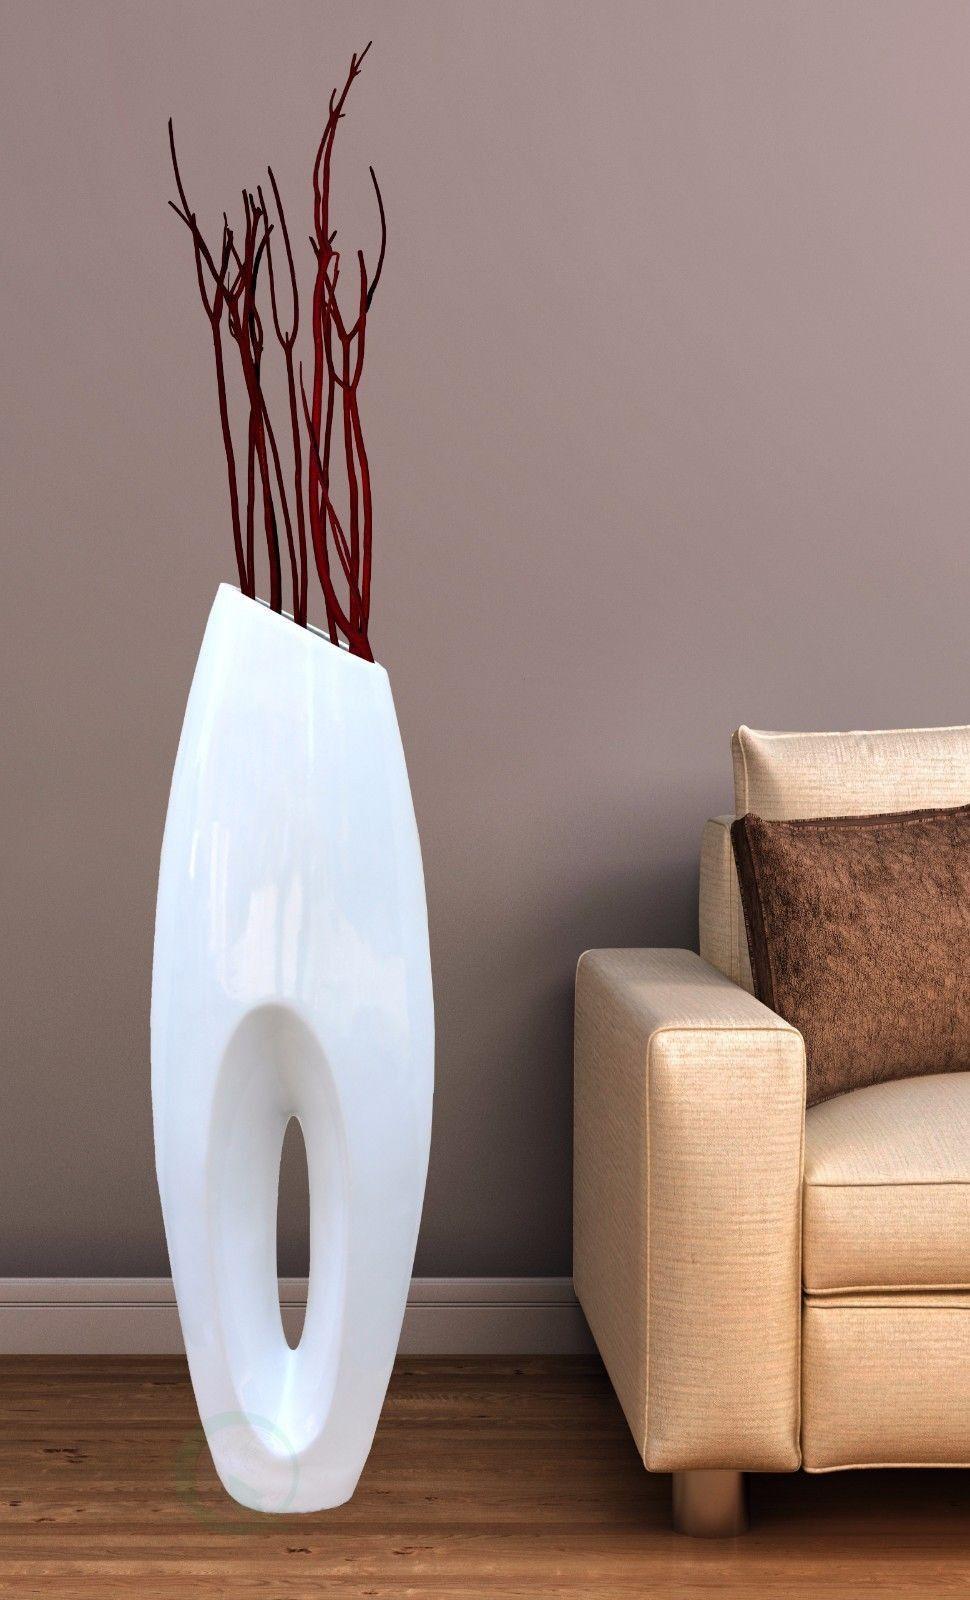 Modern White Large Floor Vase 40 Inch Large Floor Vase Floor Vase Decor Large Decorative Floor Vases